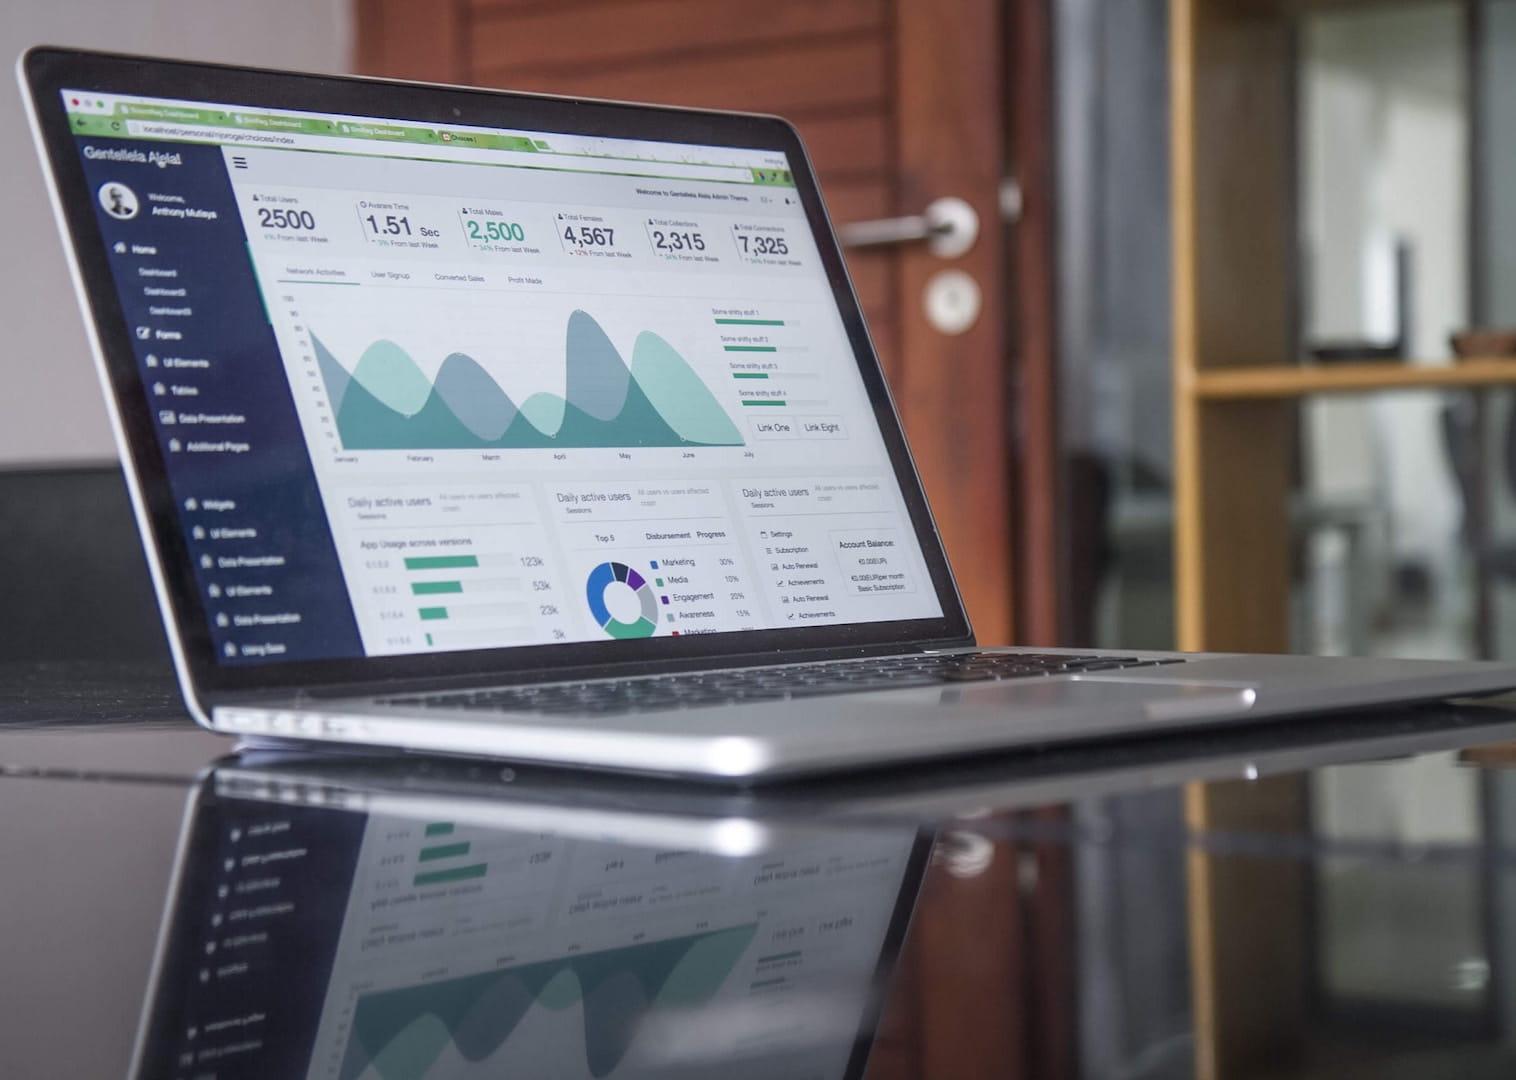 當我們做數據分析的時候,到底應該分析什麼?